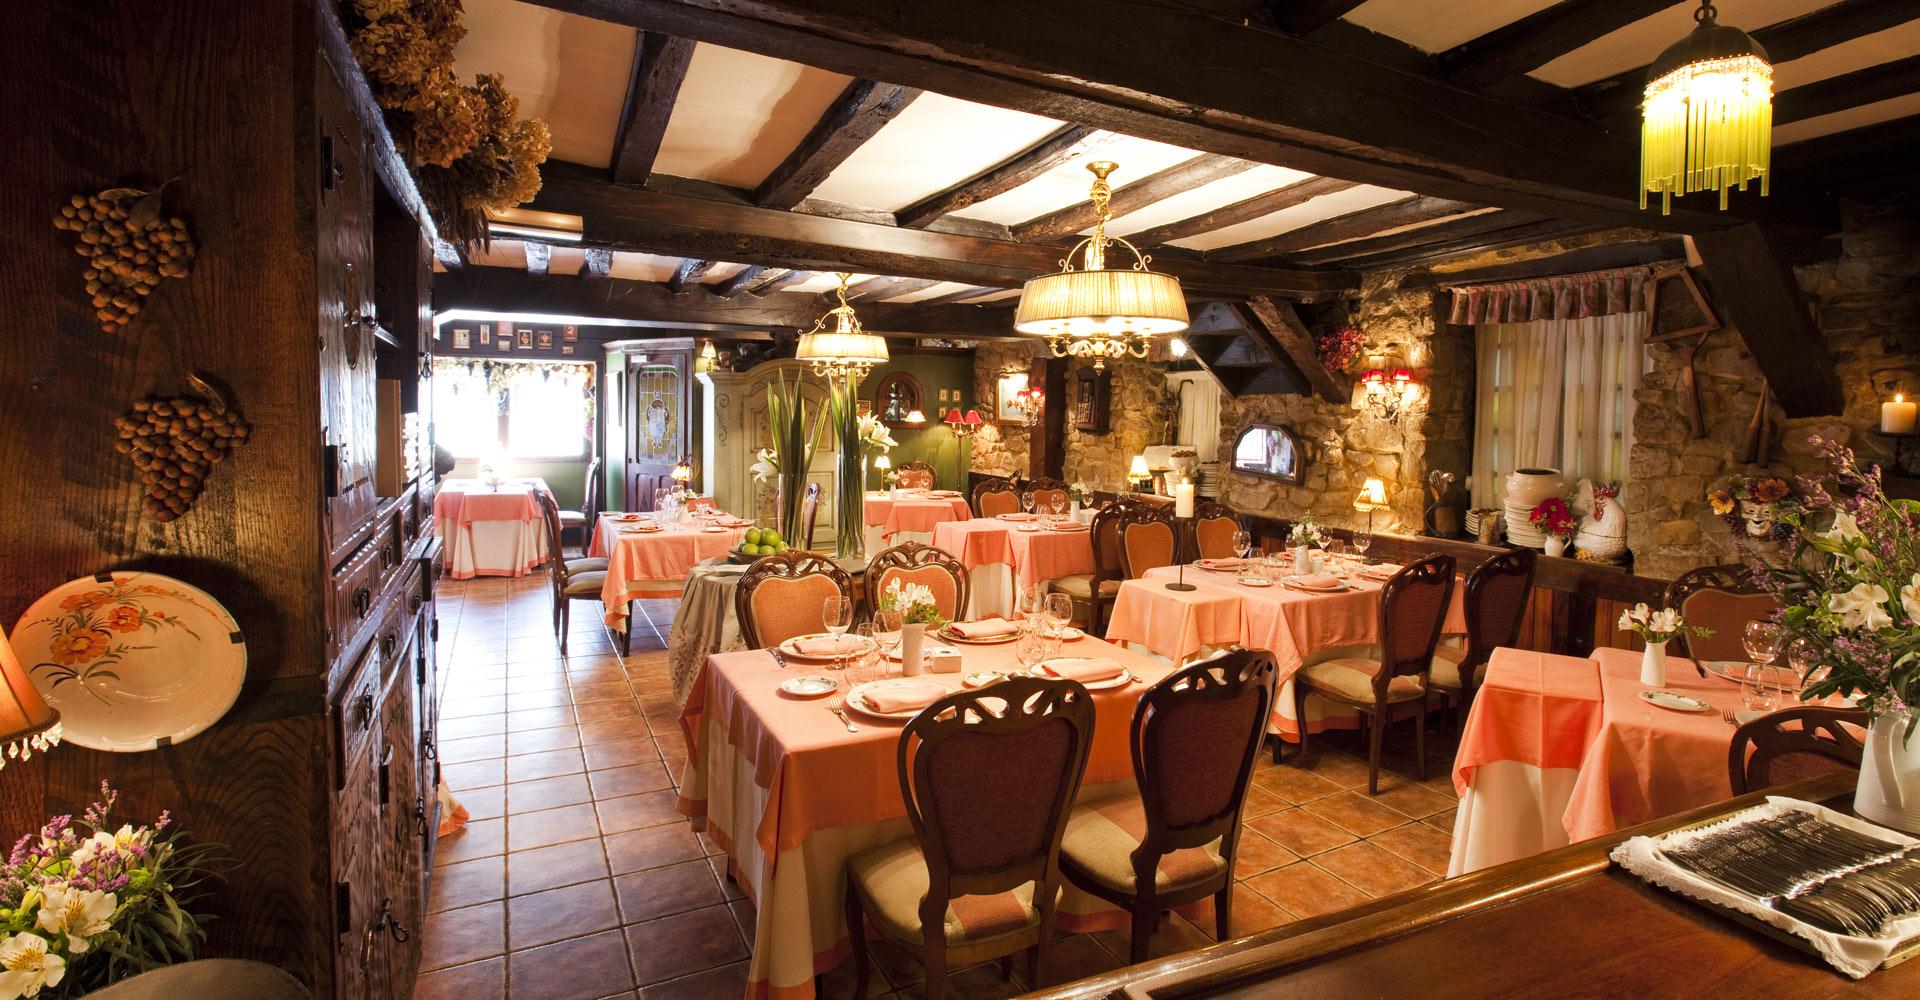 Restaurante otzarreta restaurante en zarautz gipuzkoa - Restaurantes de diseno ...